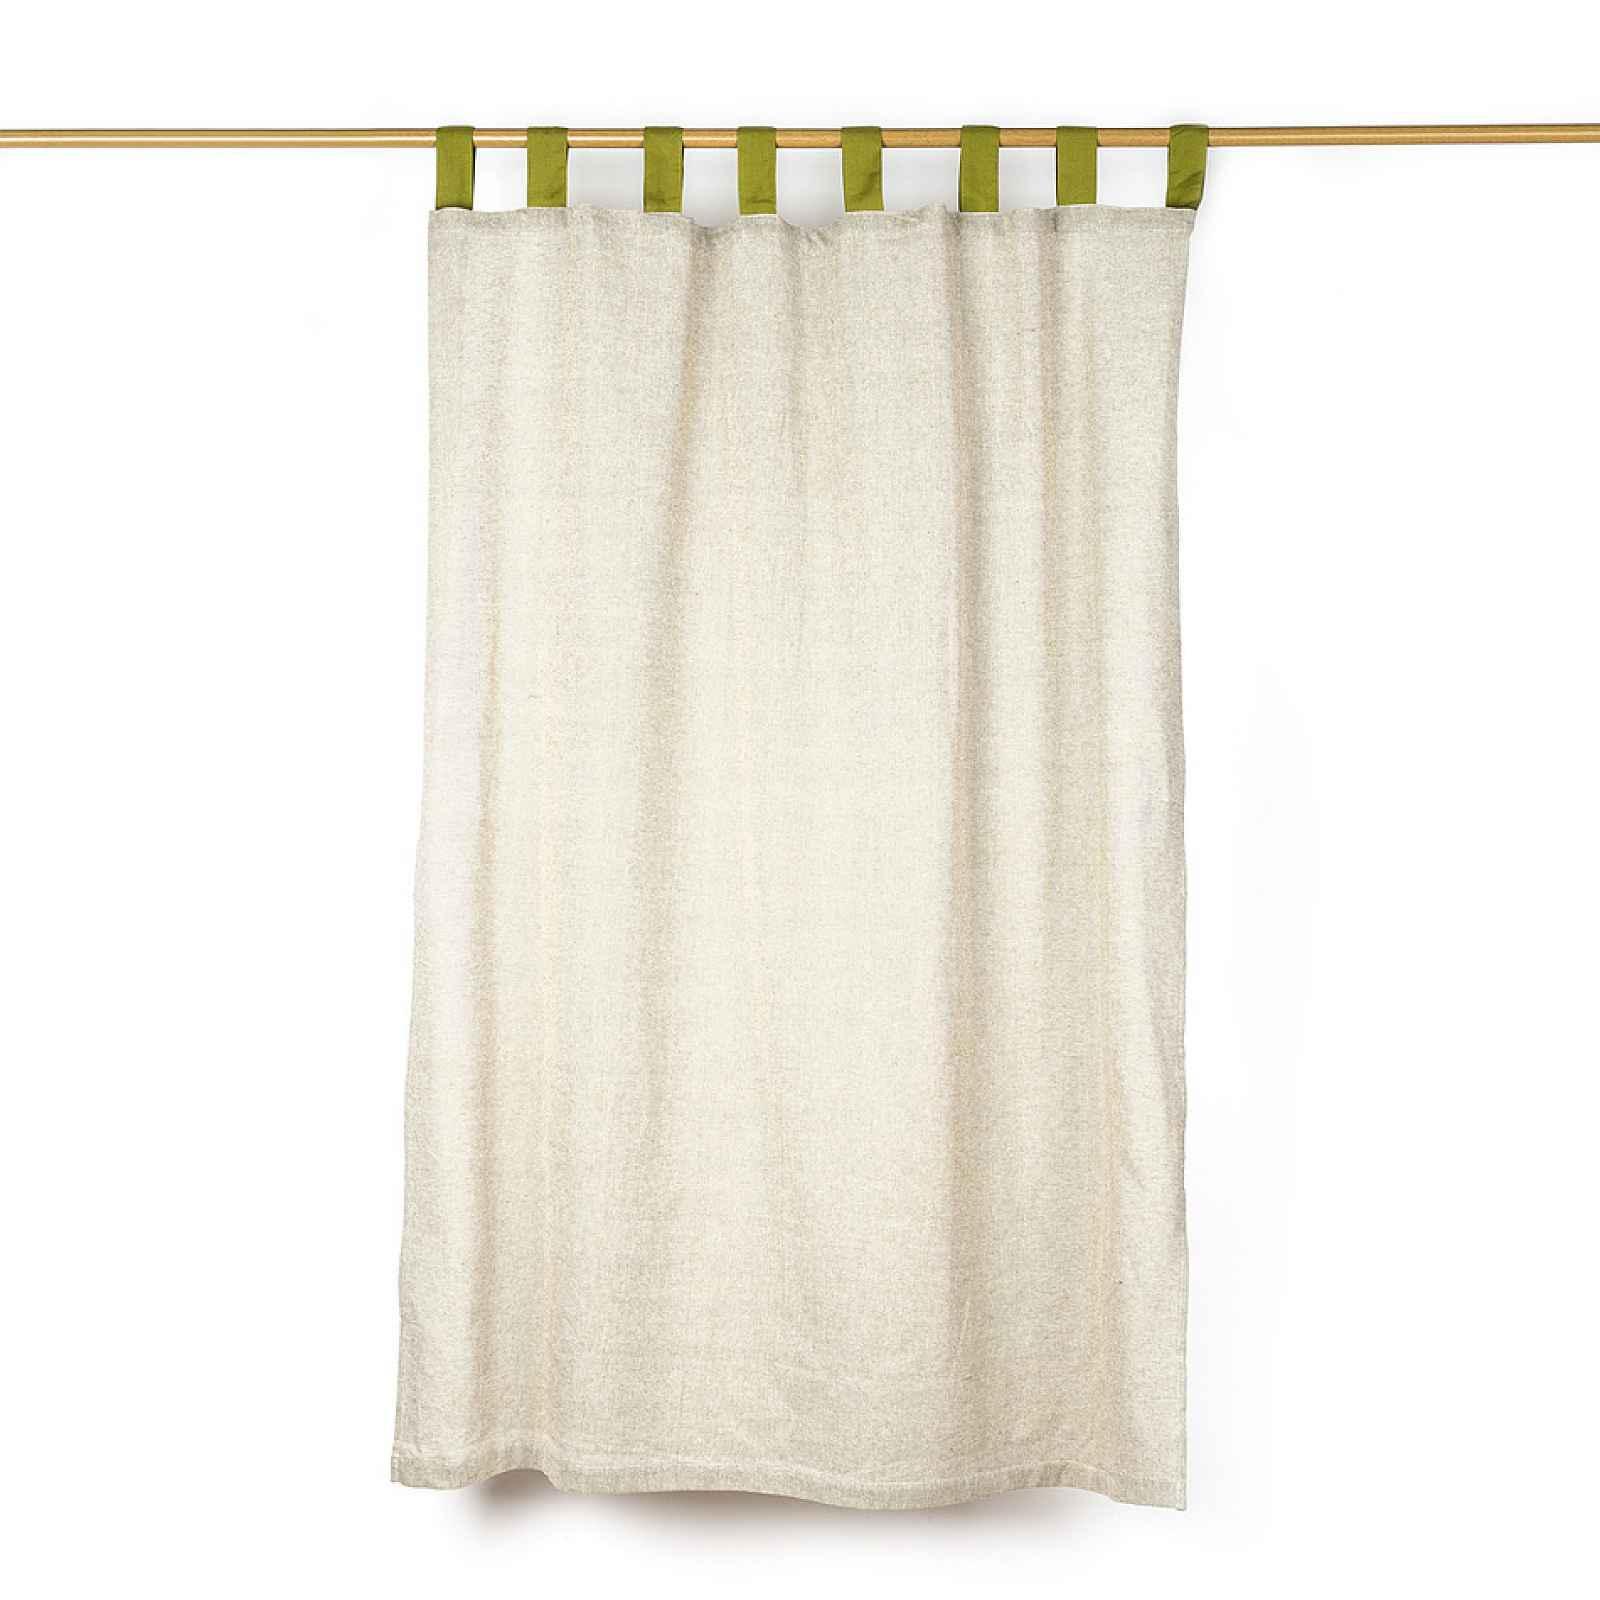 Jahu Závěs režný zelená, 140 x 160 cm